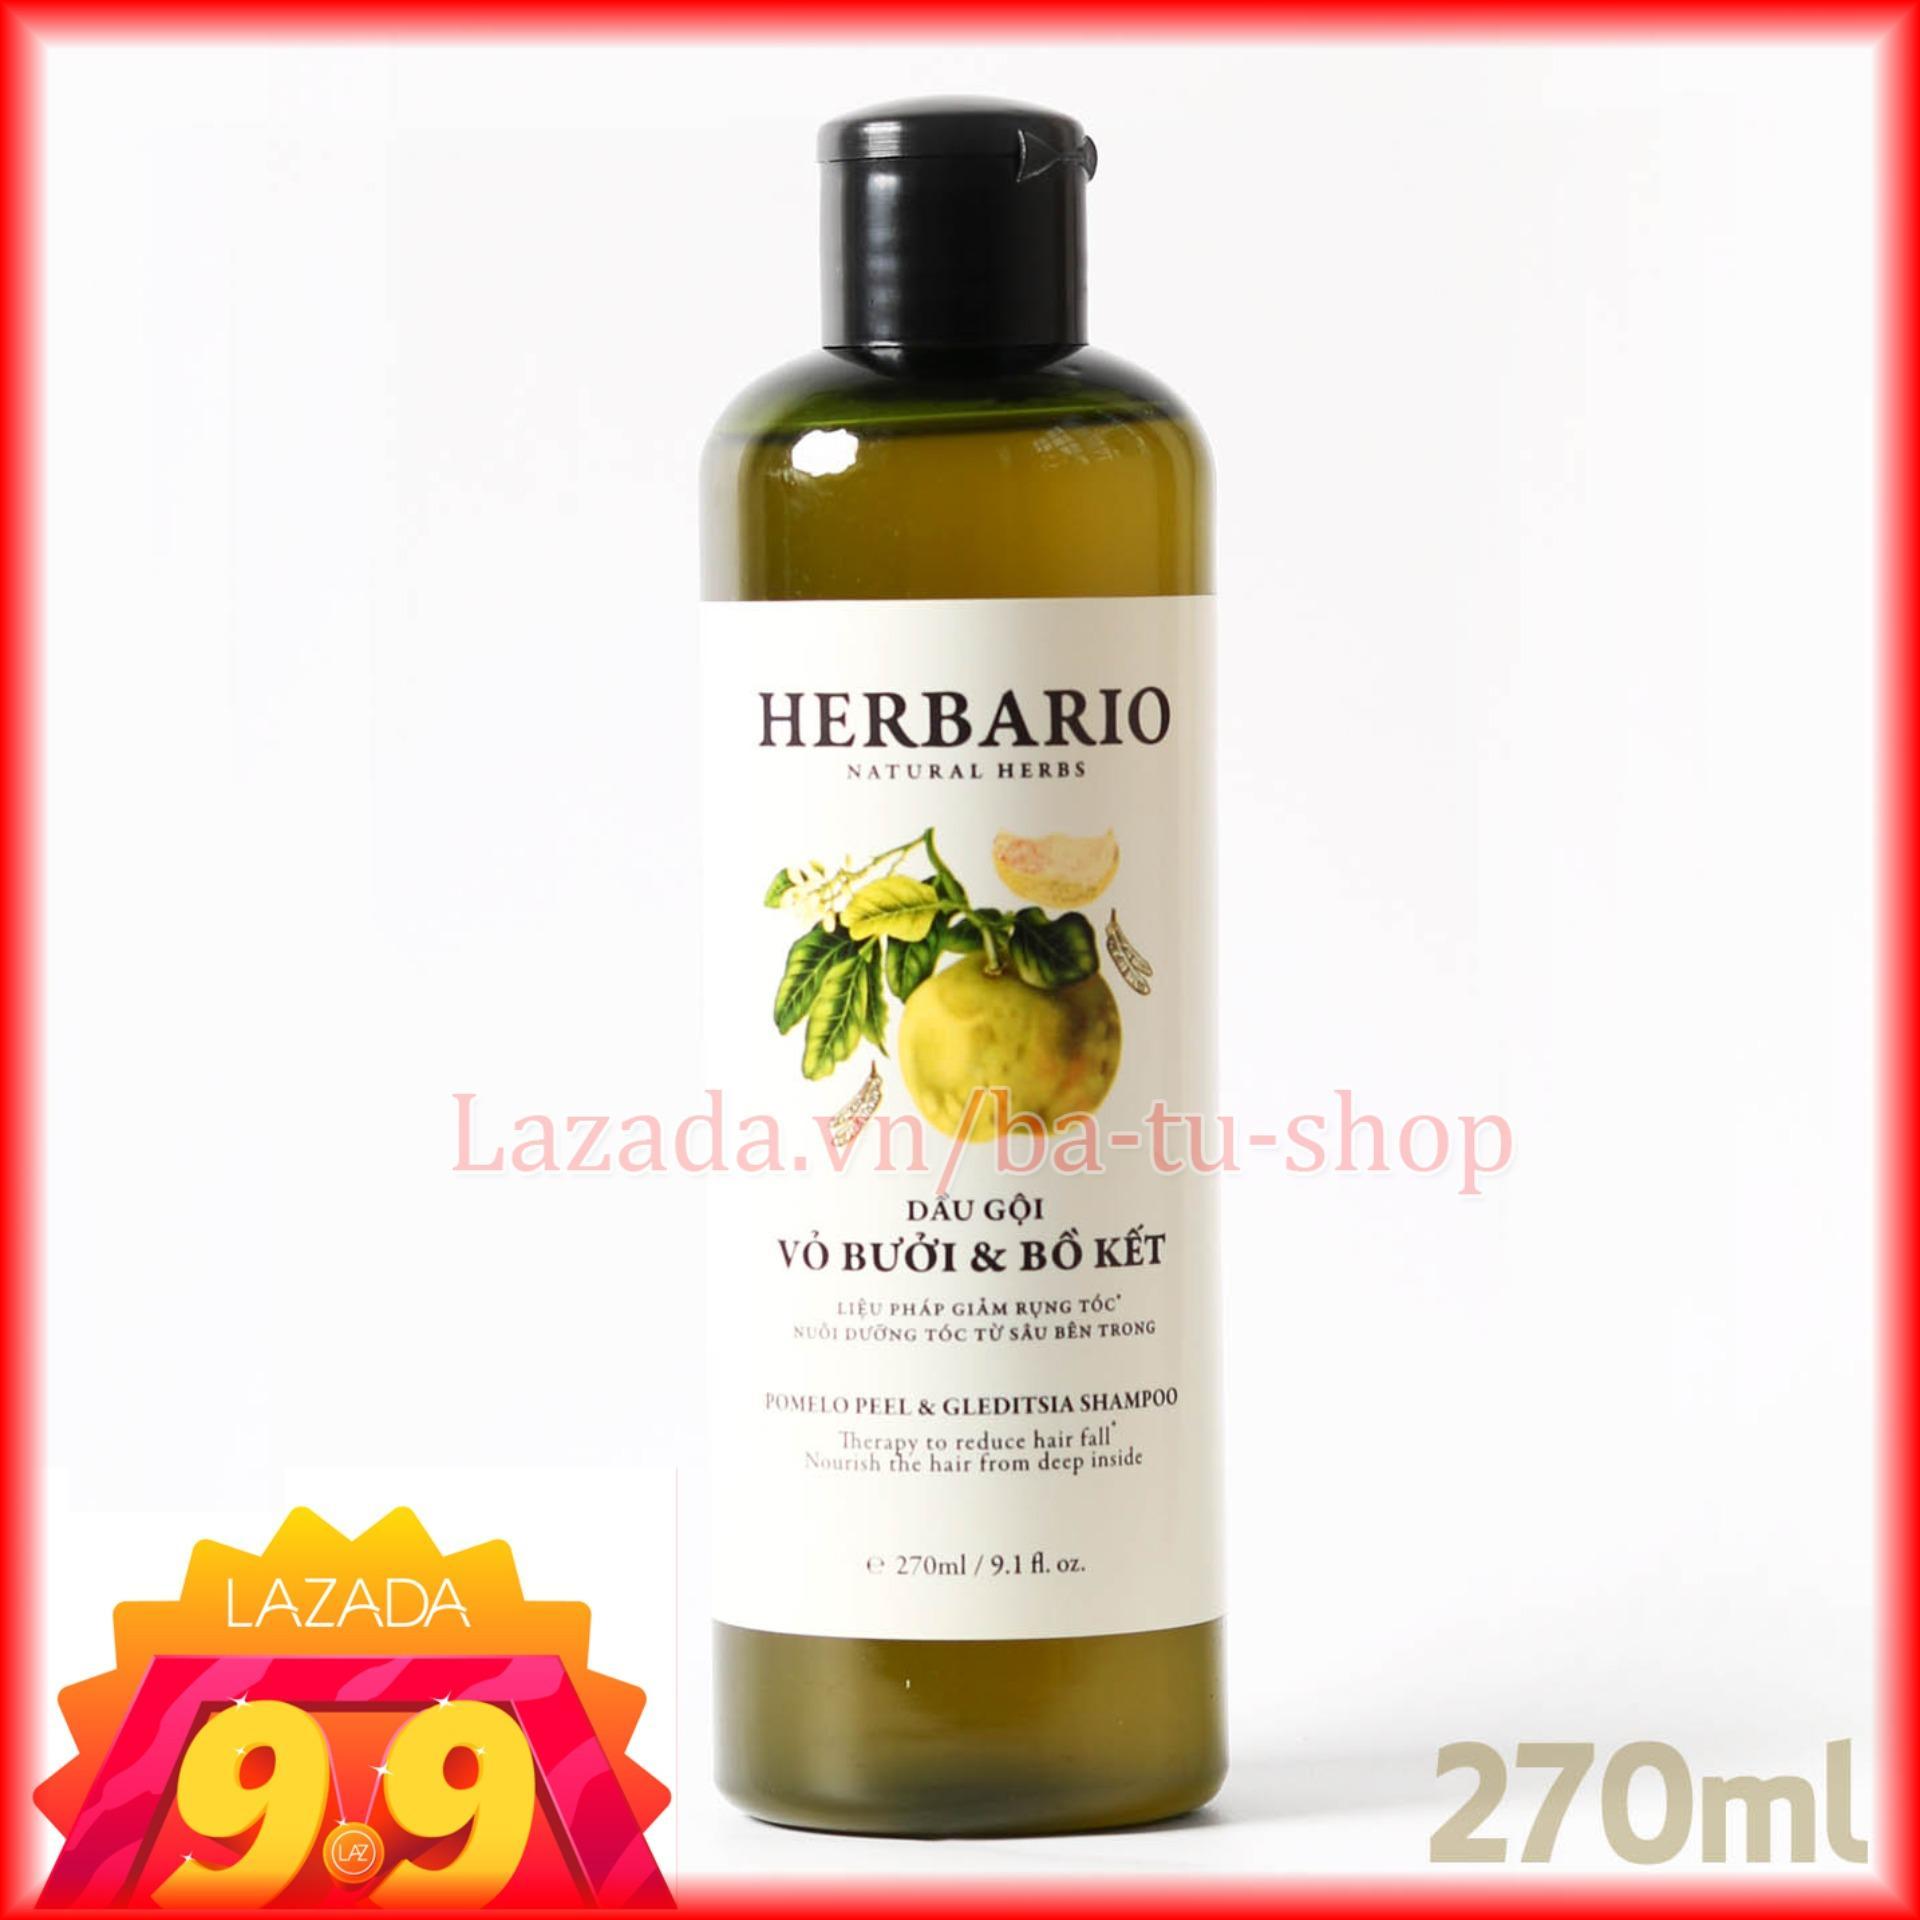 Dầu Gội Vỏ Bưởi Bồ Kết HERBARIO trị rụng tóc, phục hồi tóc, giúp tóc khỏe mạnh mềm mượt 270ml